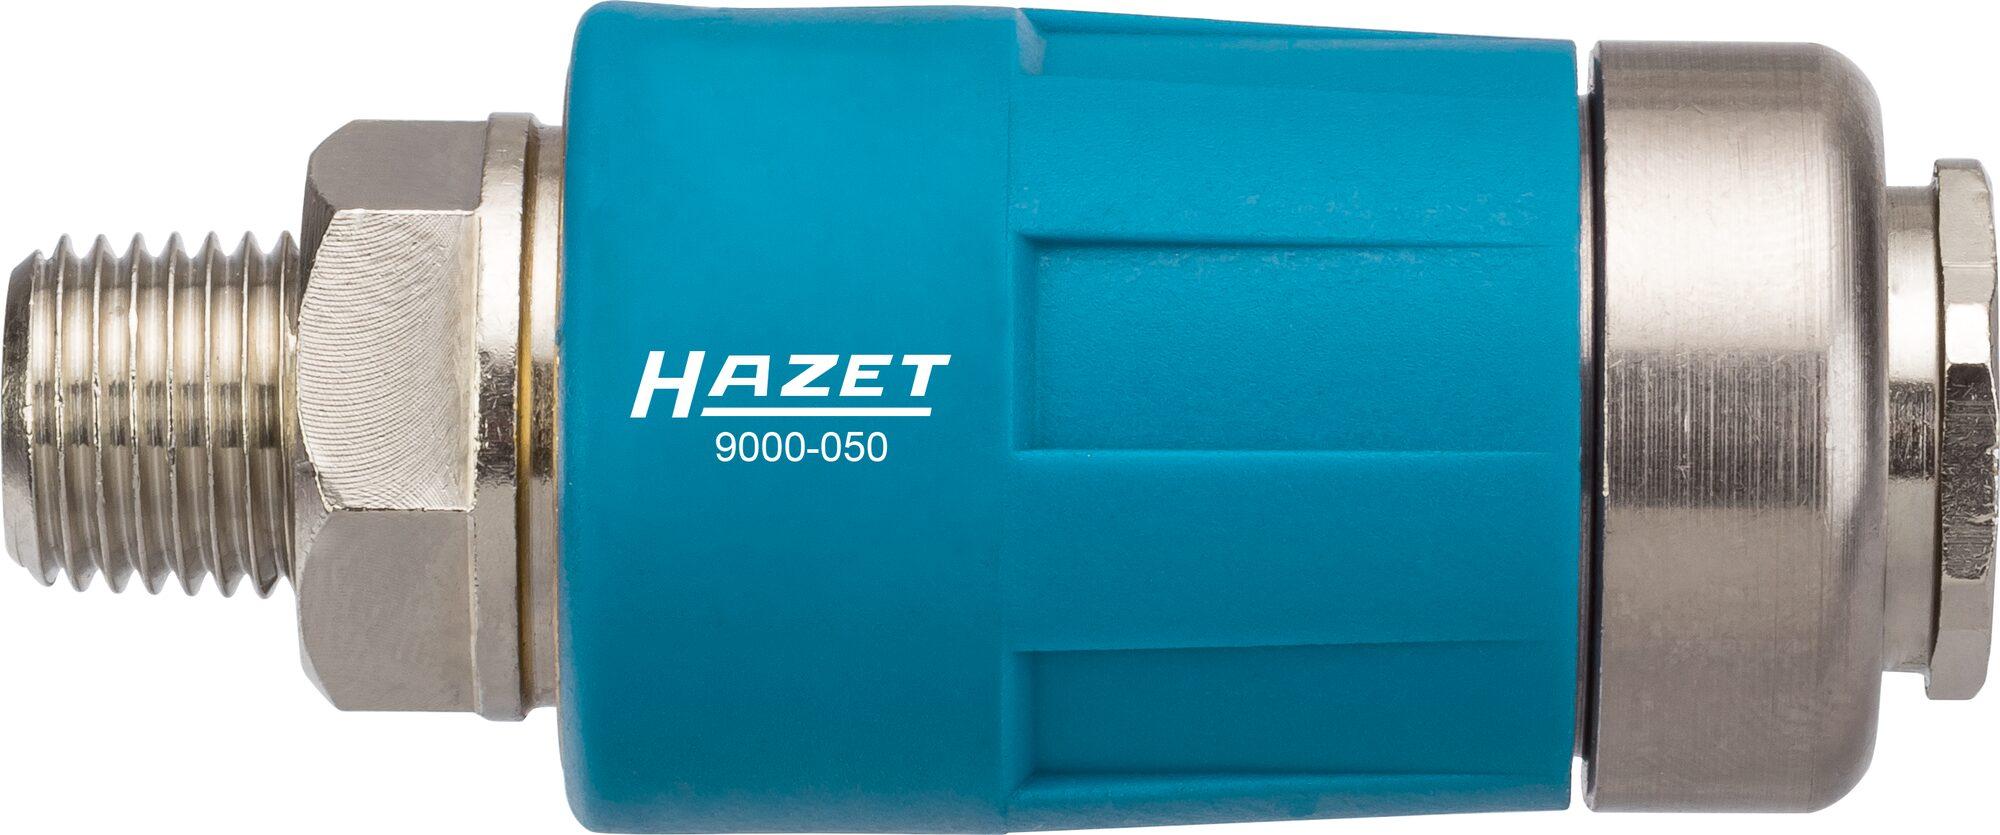 HAZET Sicherheits Kupplung 9000-050